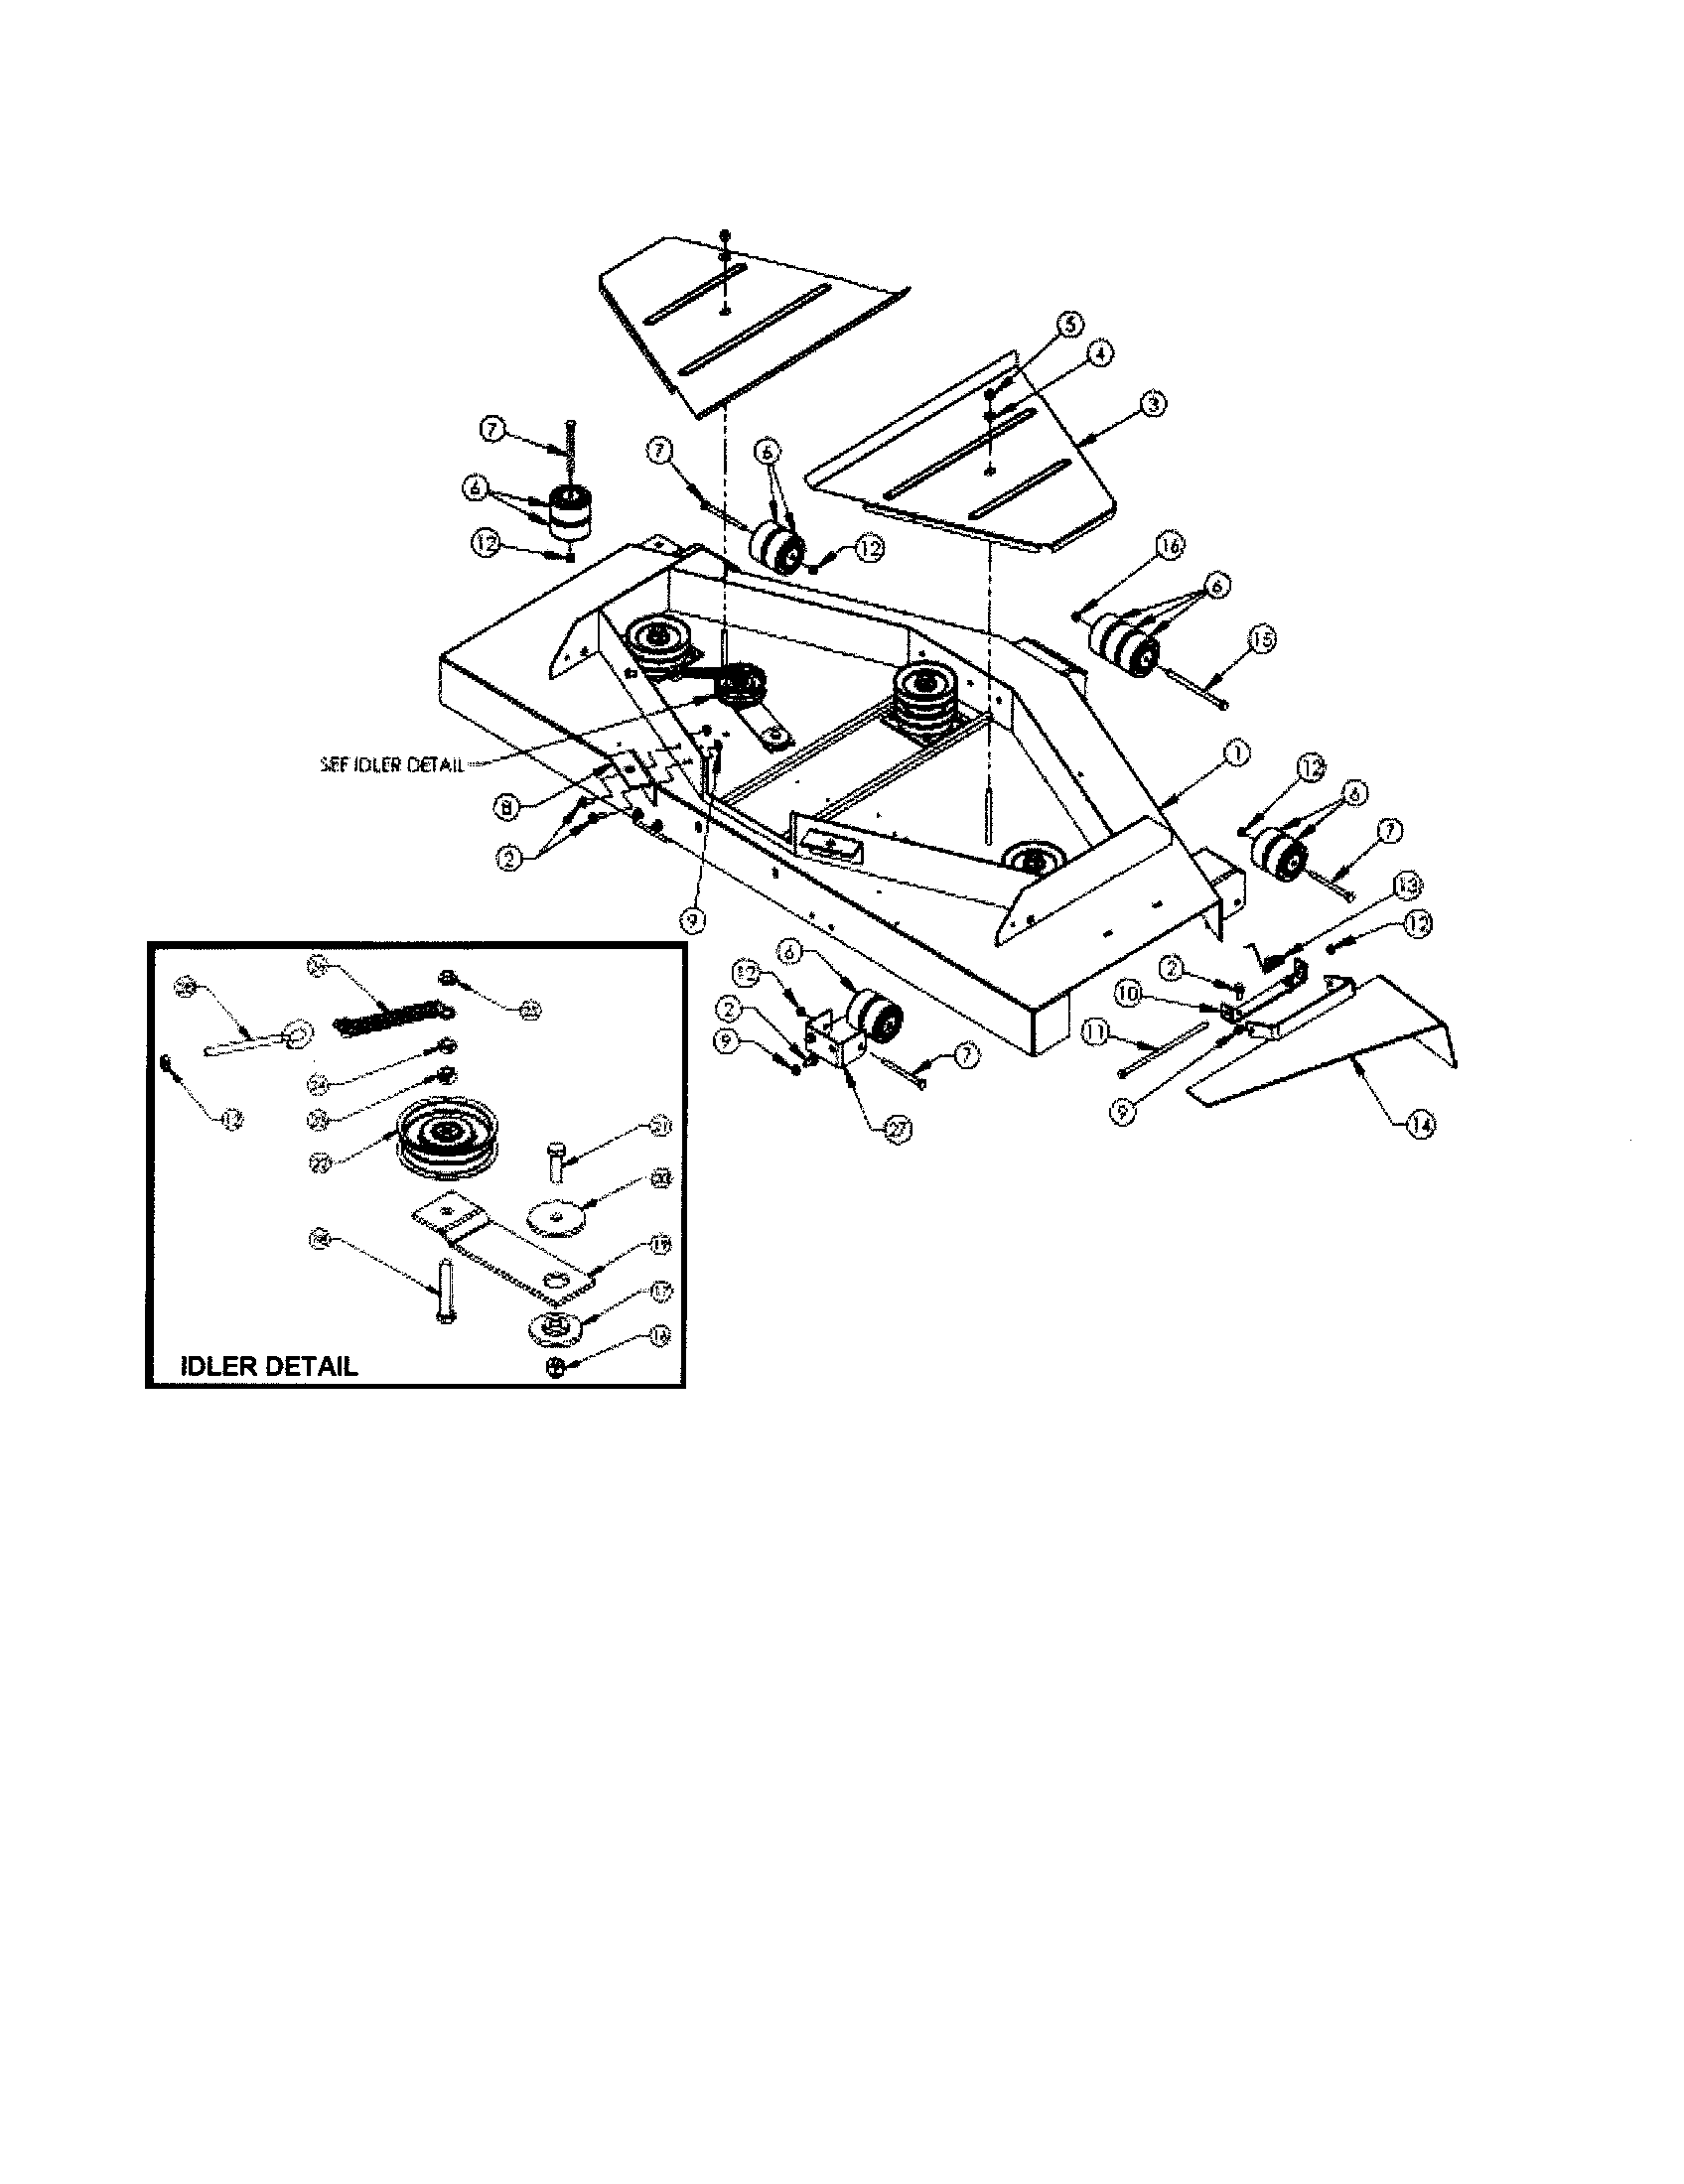 scotts riding lawn mower wiring diagram